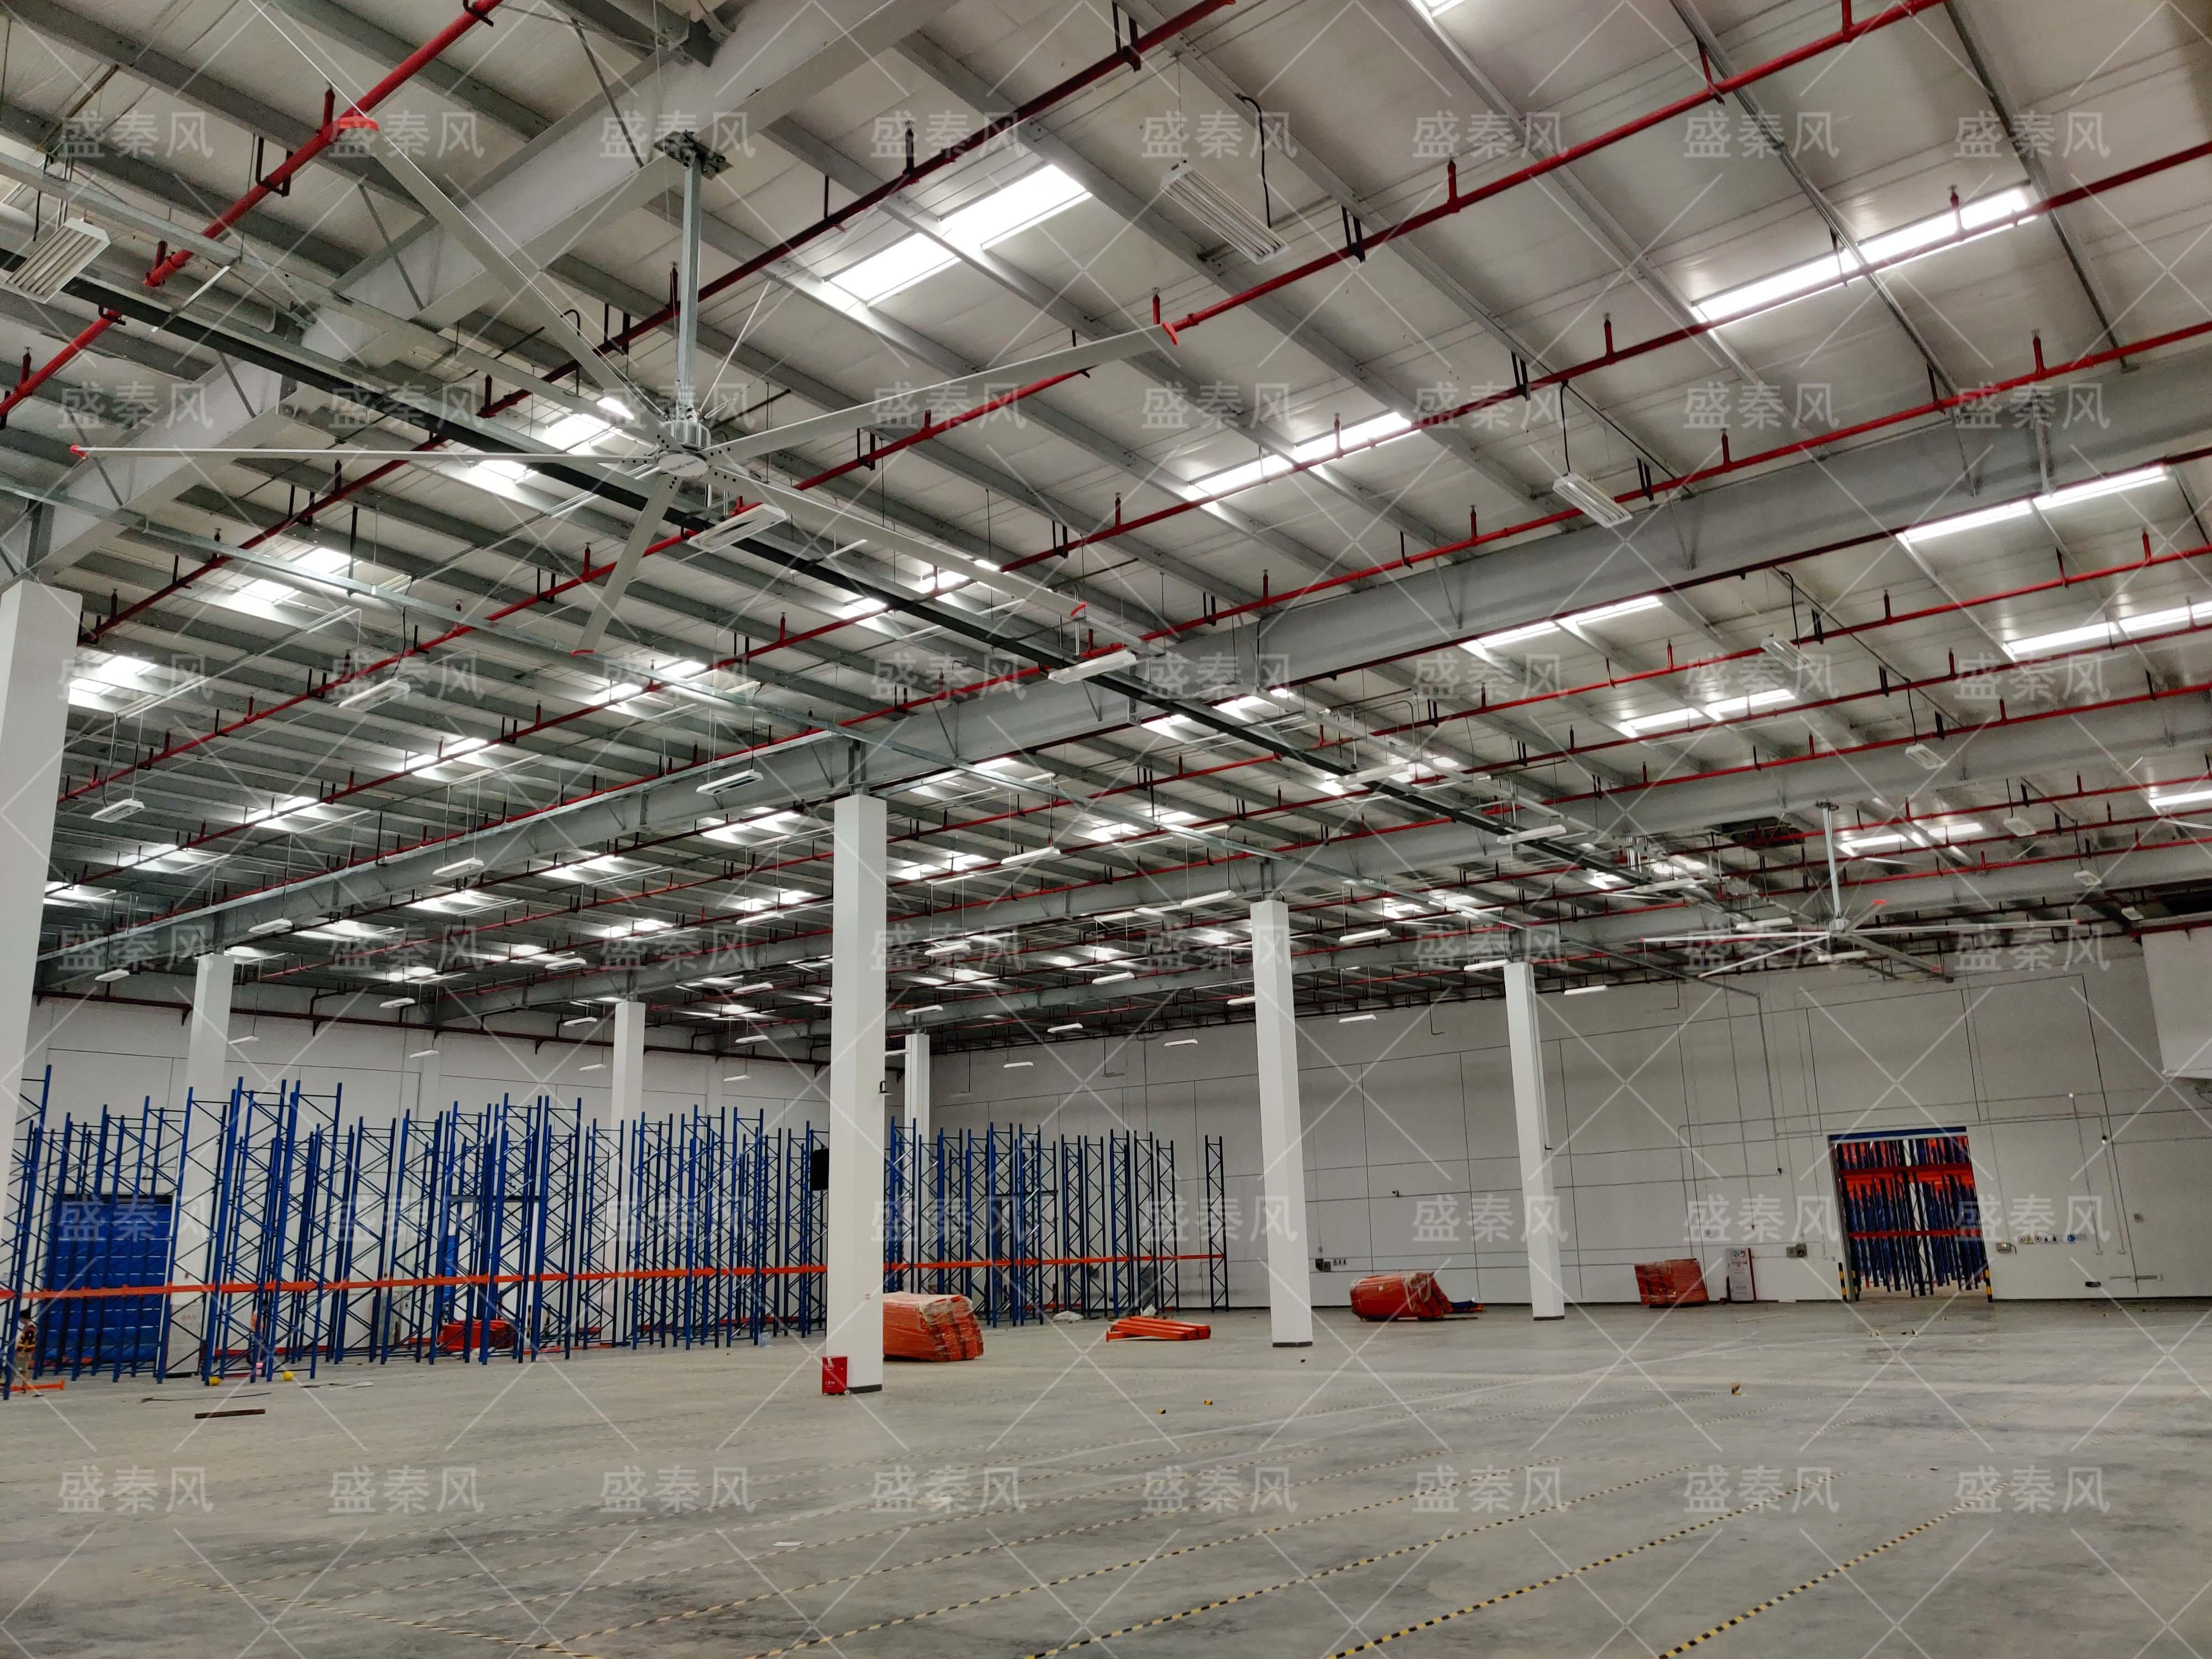 大型工业吊扇风扇的适用领域与范围有哪些?湖北工业风扇厂家讲给您